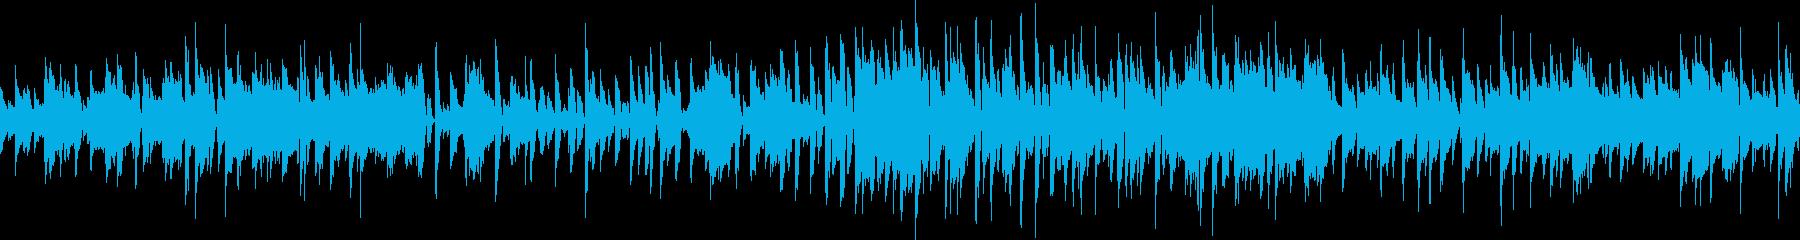 カジノミュージック (ループ仕様)の再生済みの波形